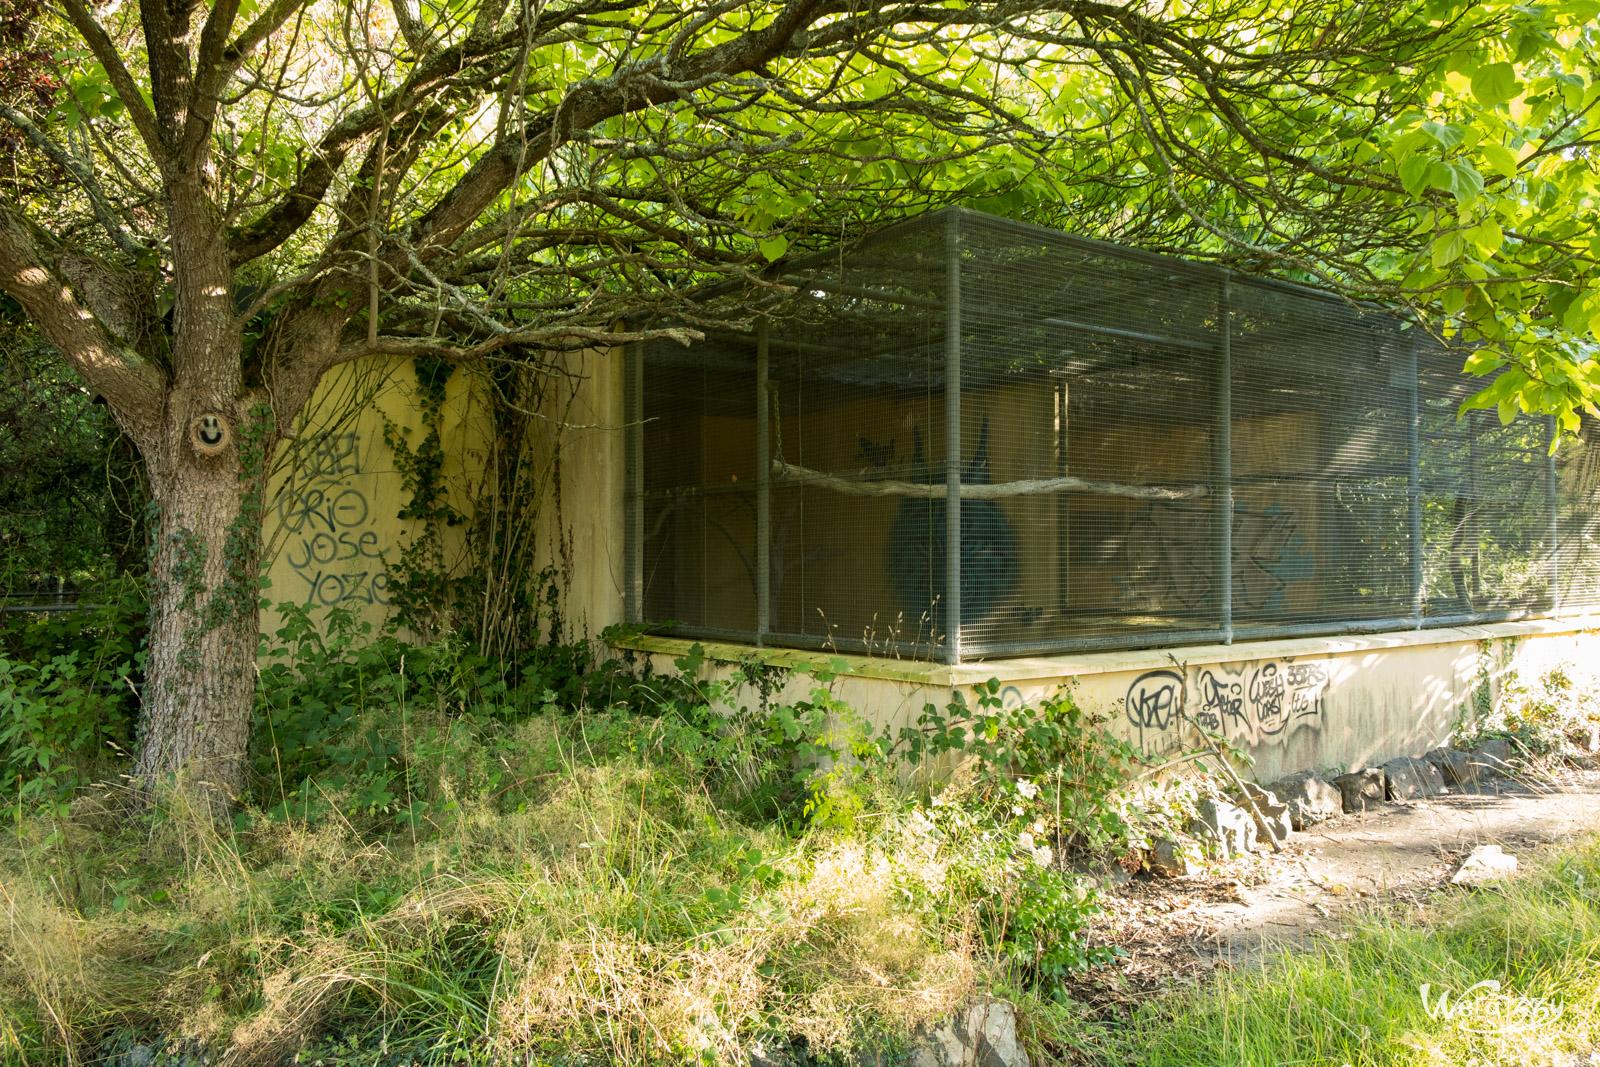 Zoo abandonné – Mais où sont passées les animaux ?